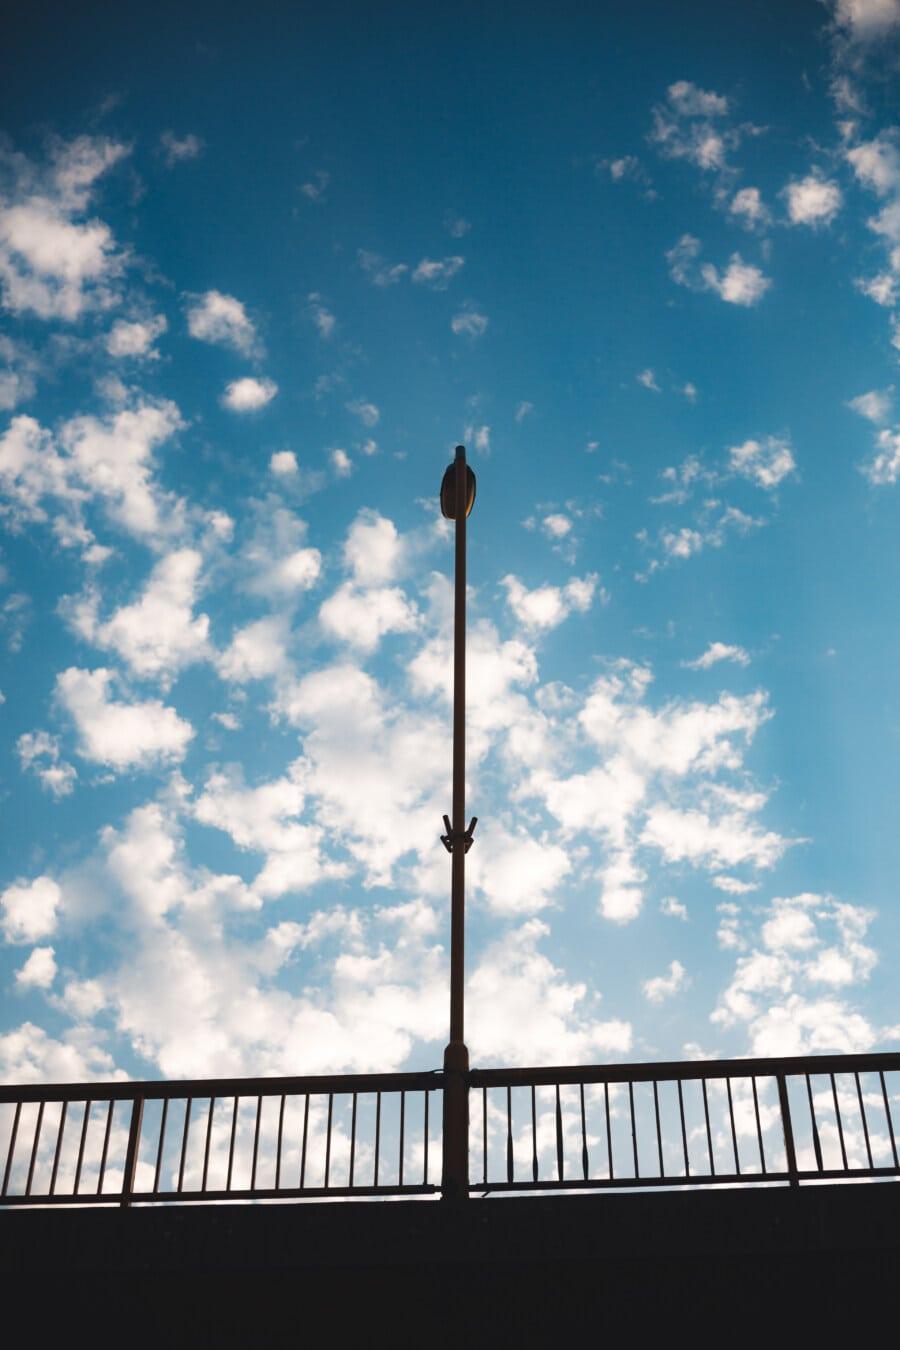 pôle, pont, lampe, ciel bleu, lumière, à l'extérieur, architecture, nuage, beau temps, brillant